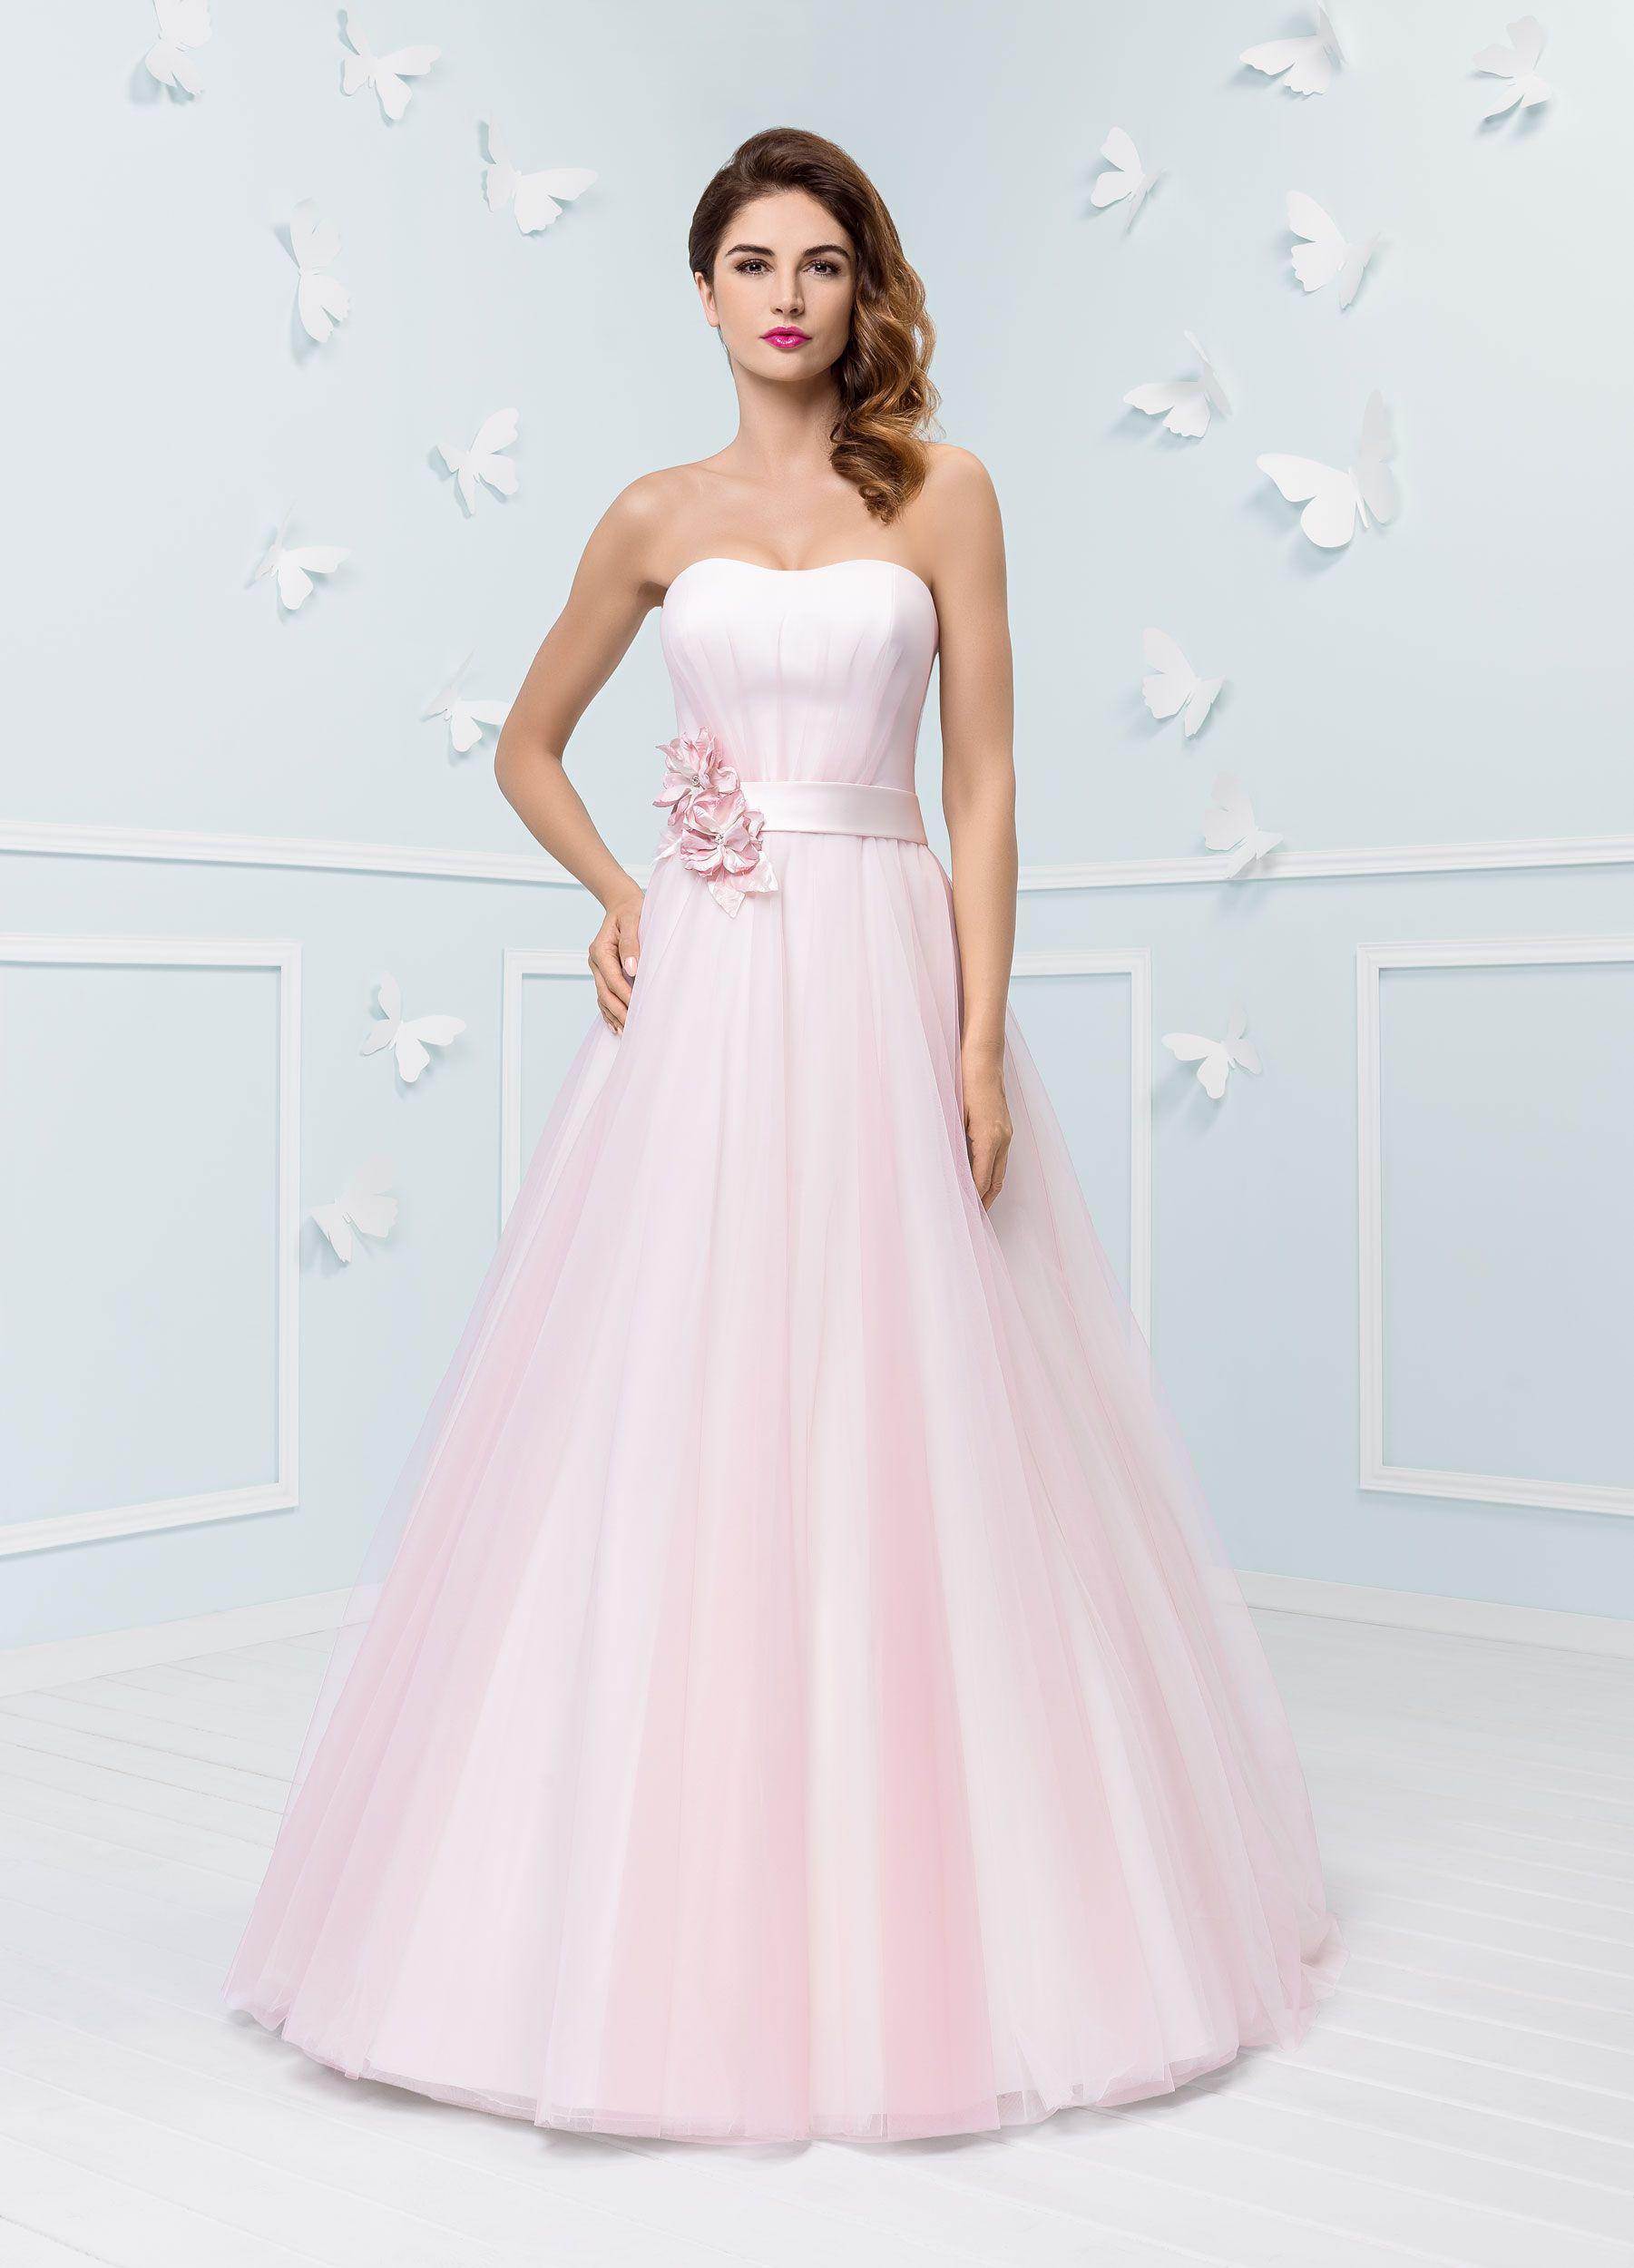 Brautkleid von Mode de Pol in zartem Rosa | Brautkleider | Pinterest